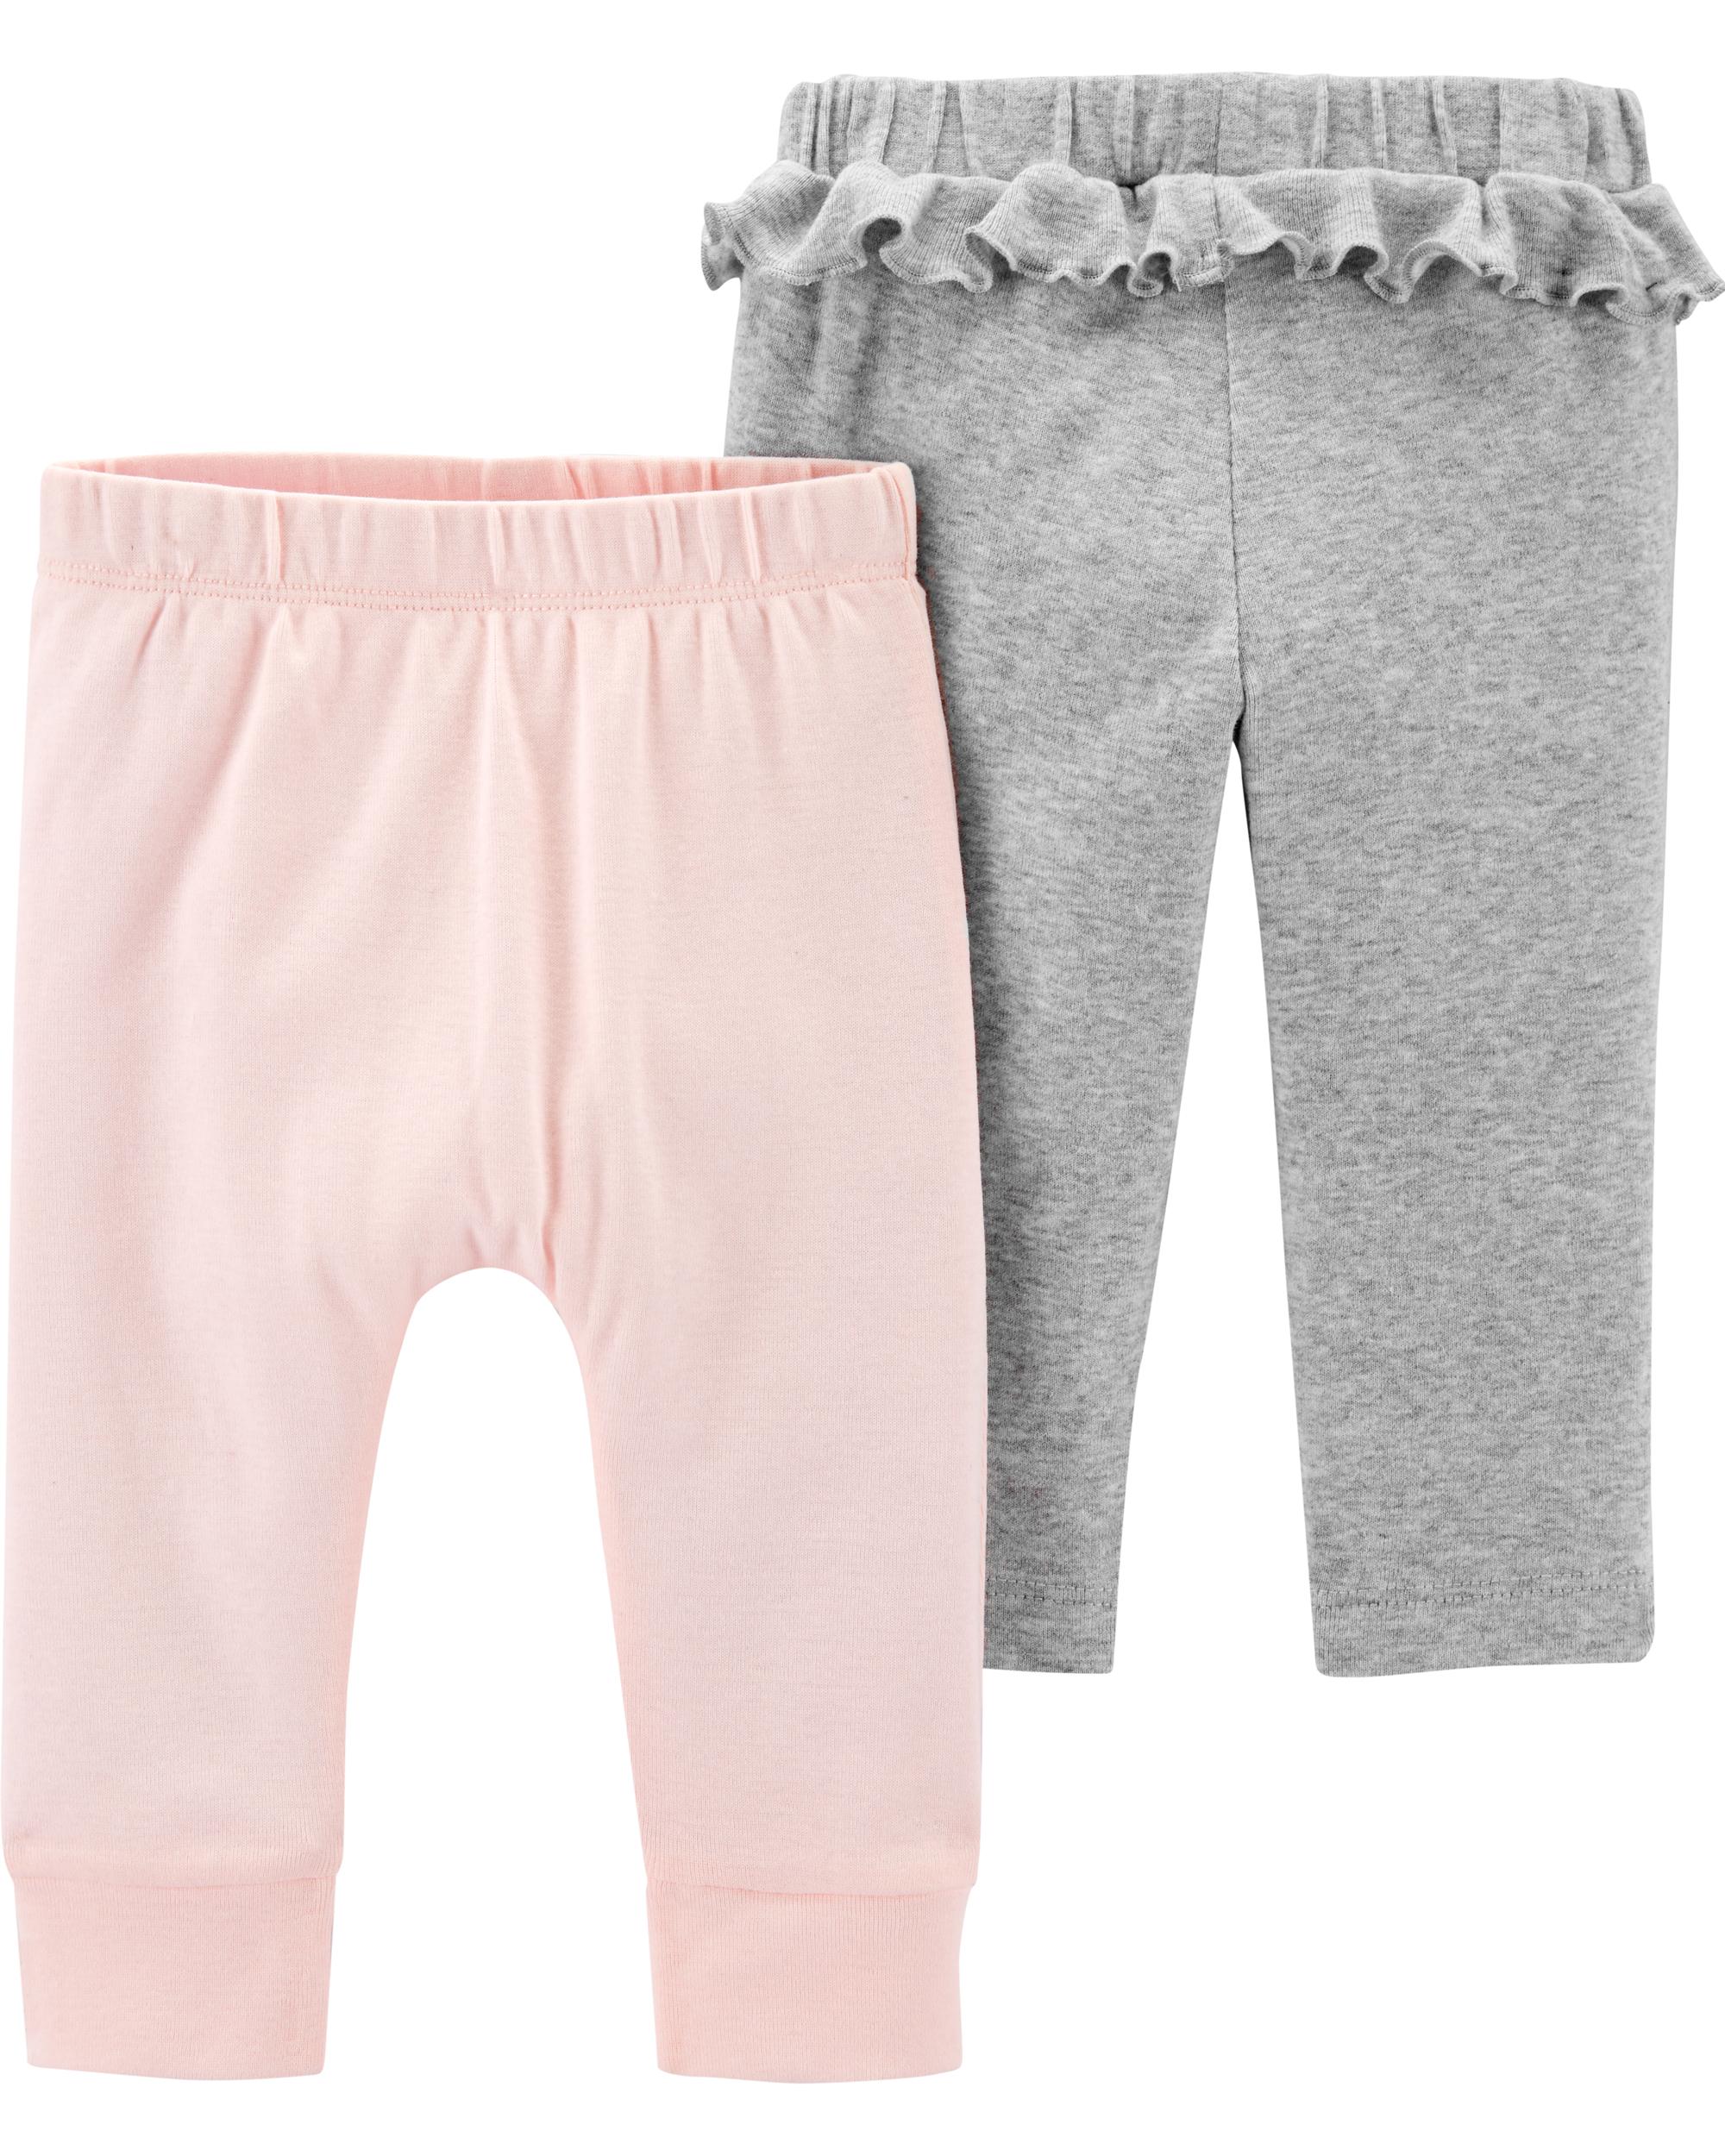 זוג מכנסיים ורוד בהיר/אפור